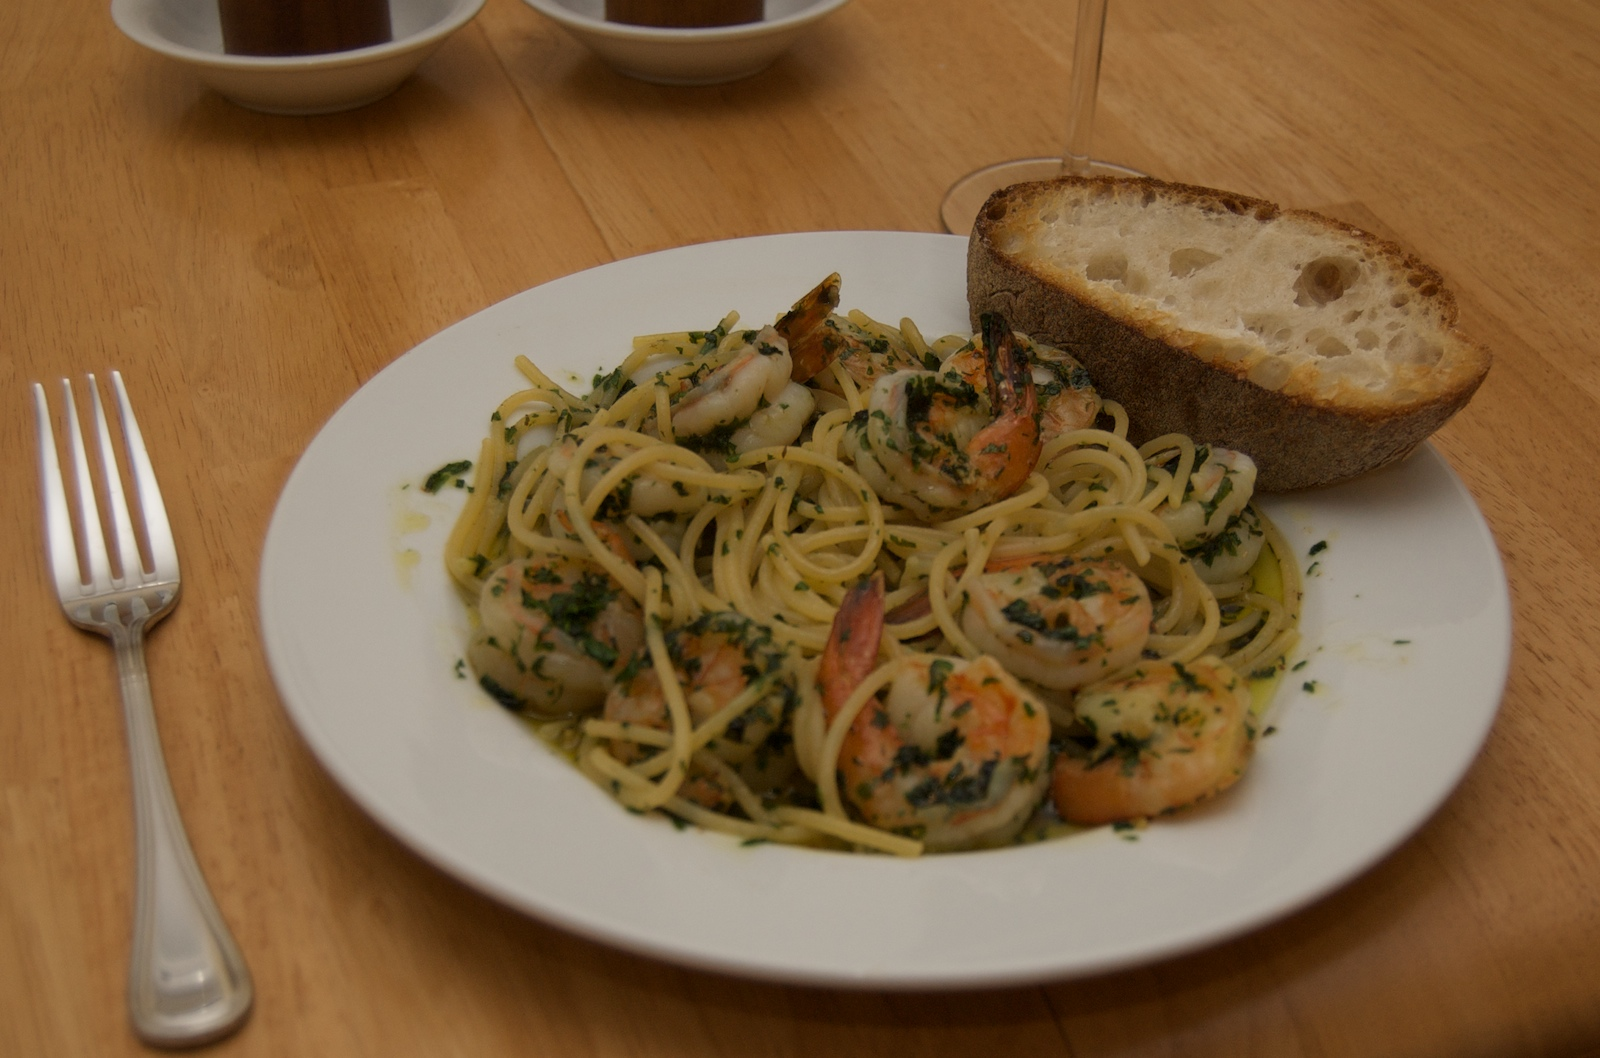 http://blog.rickk.com/food/2010/01/02/final.jpg